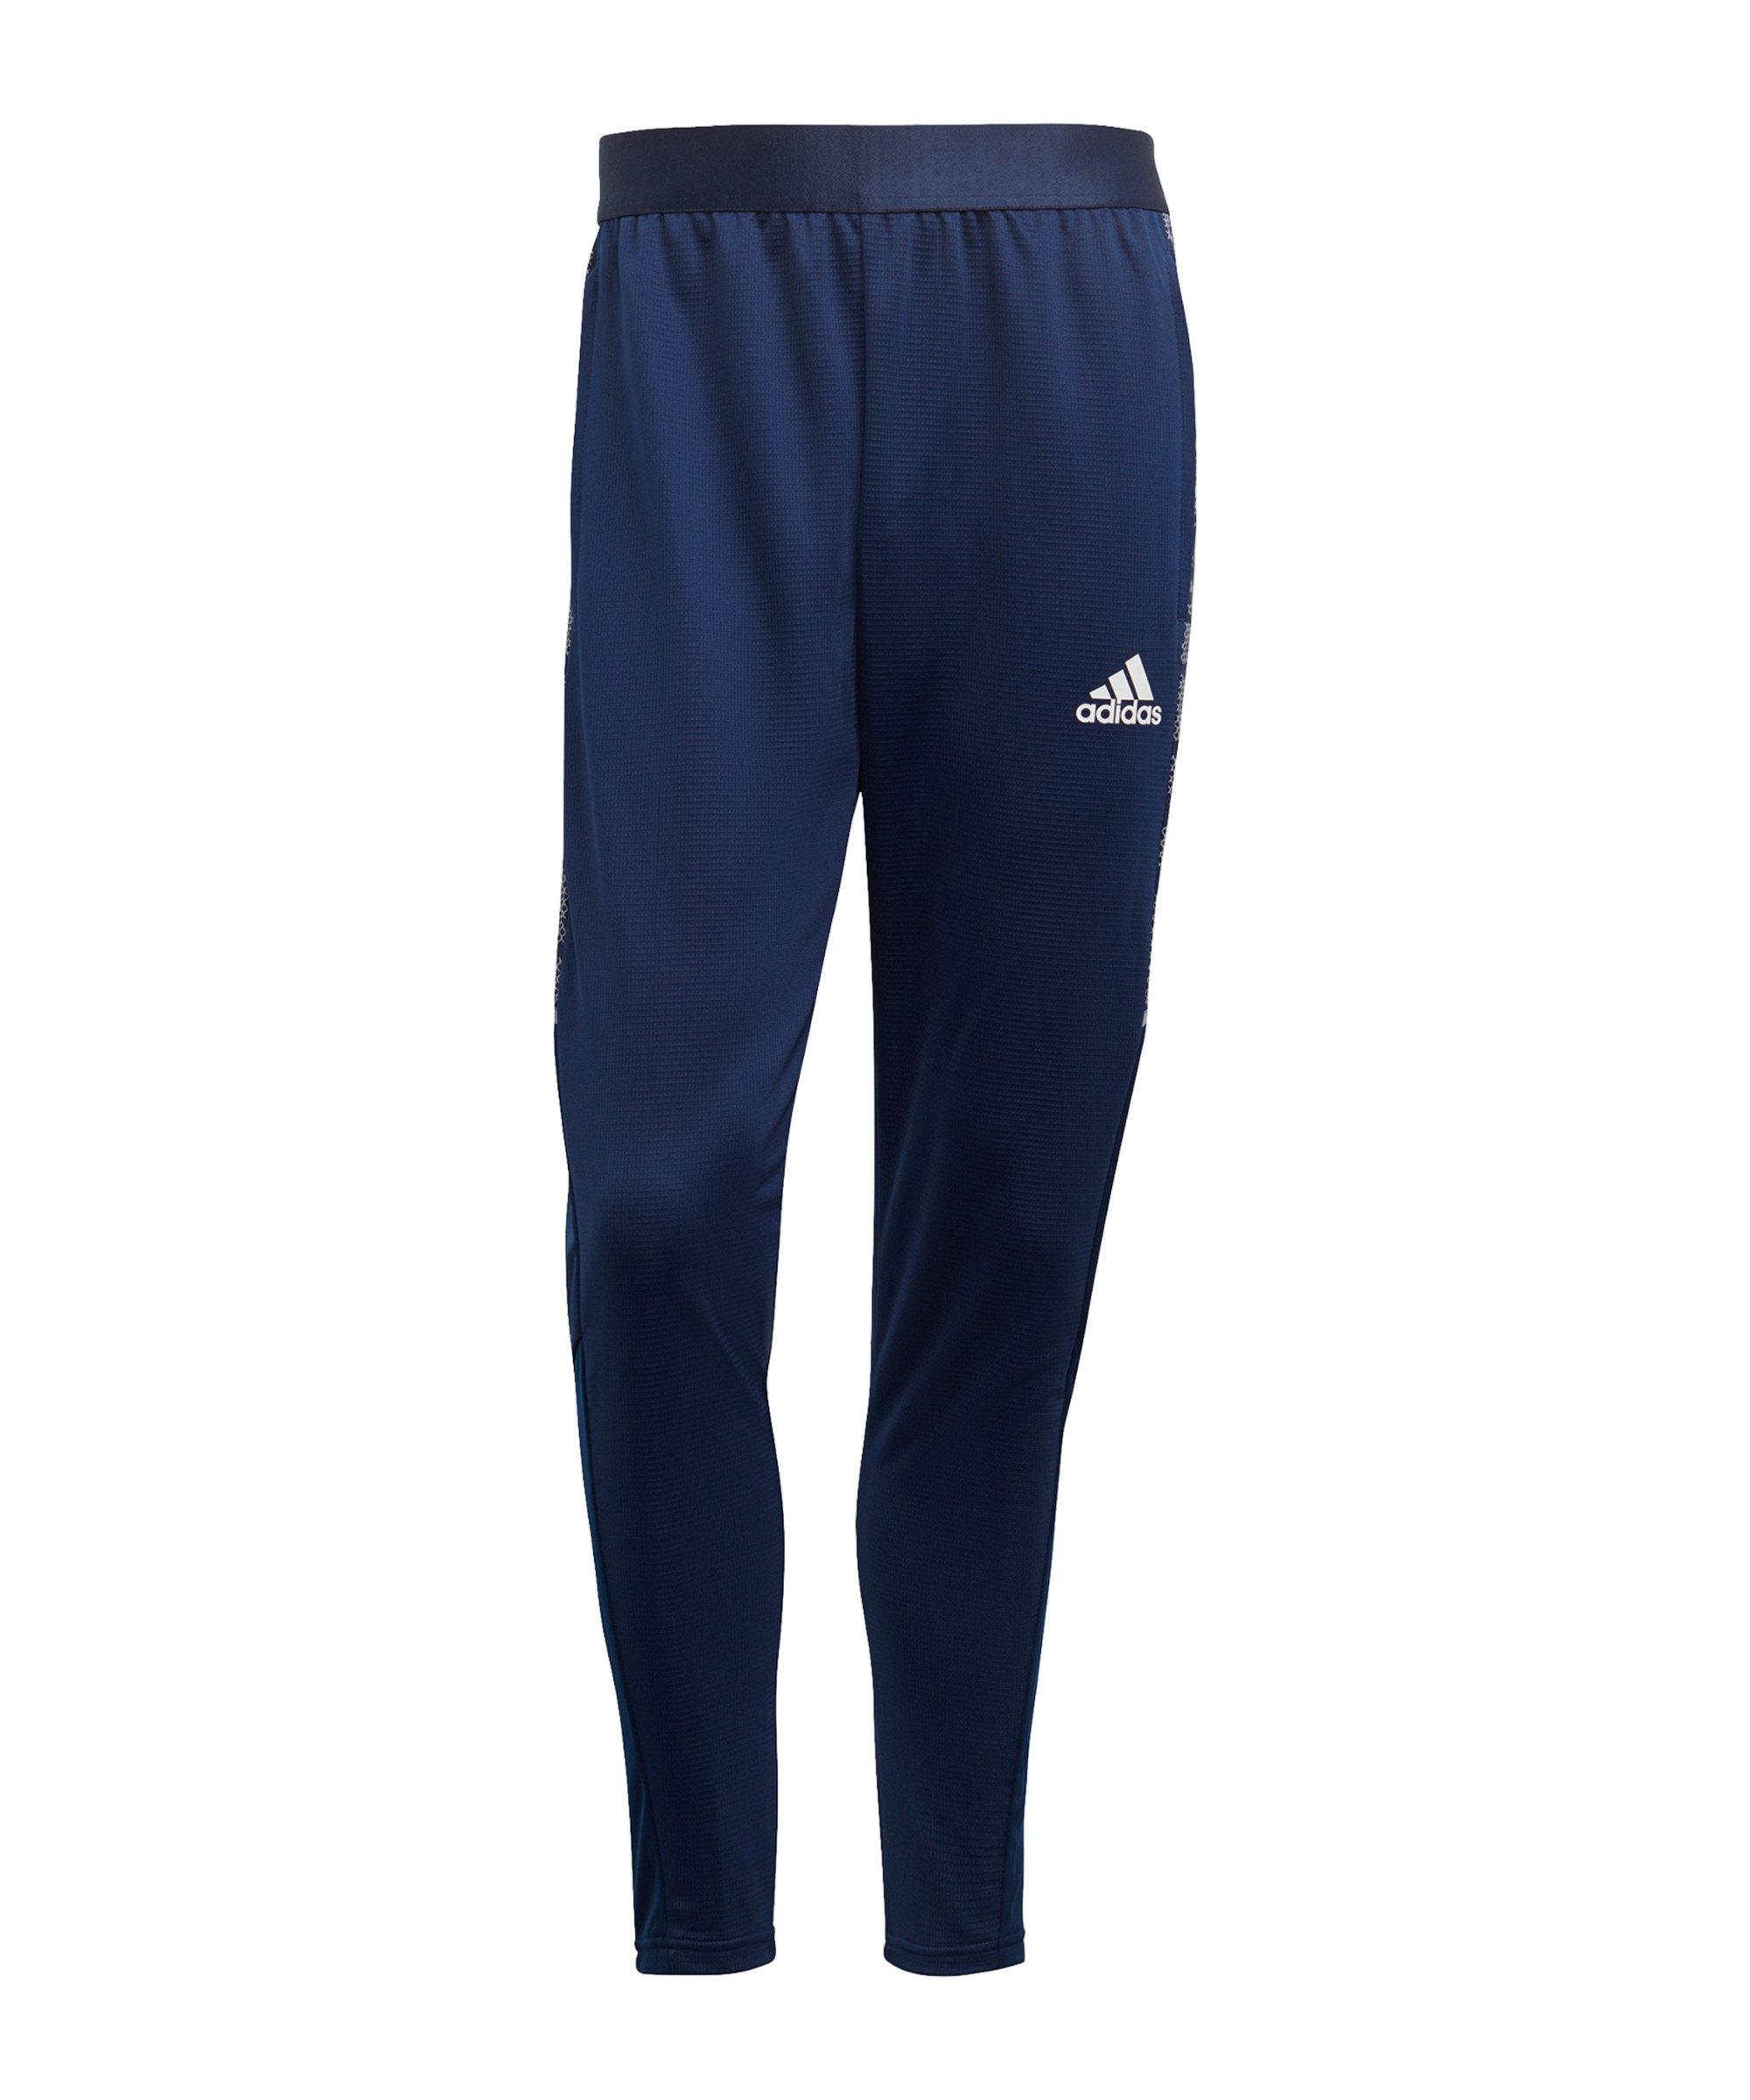 adidas Condivo 21 Trainingshose Blau Weiss - blau